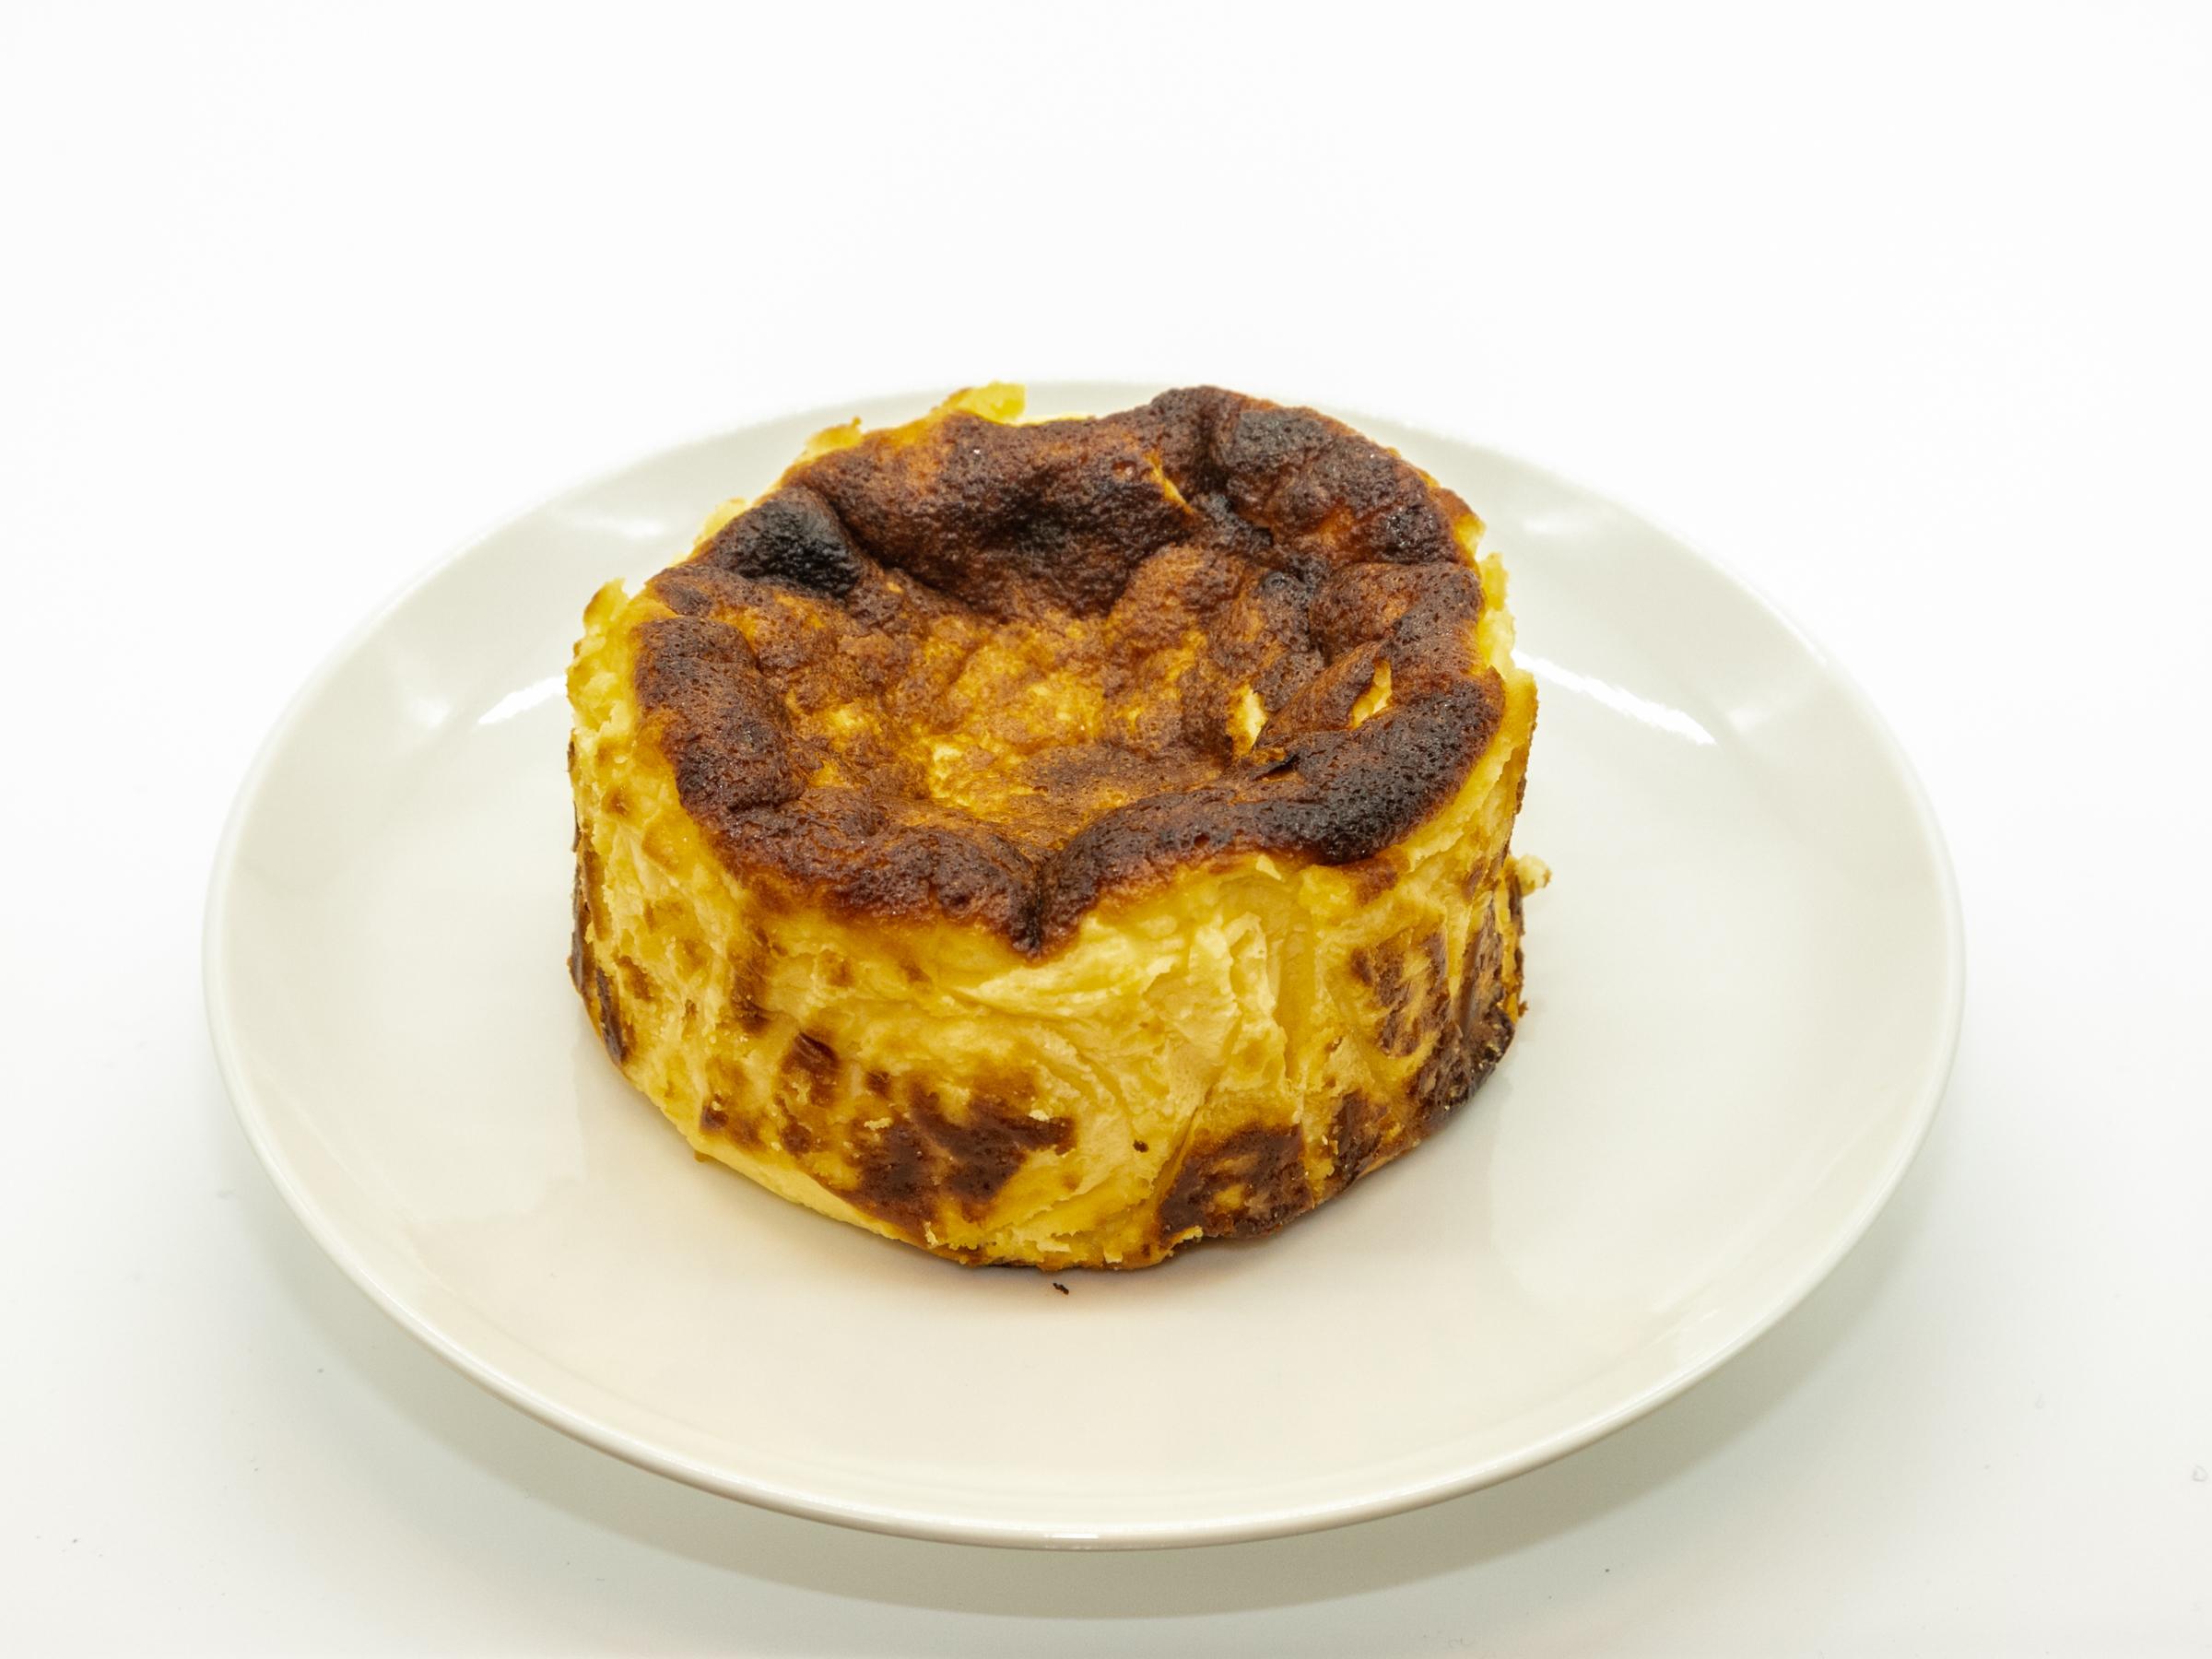 バスク風チーズケーキ「タルタ・デ・ケソ」をお取り寄せしたら、おうち時間が楽しくなりすぎた話 《ロイヤルデリでデザートお取り寄せ》